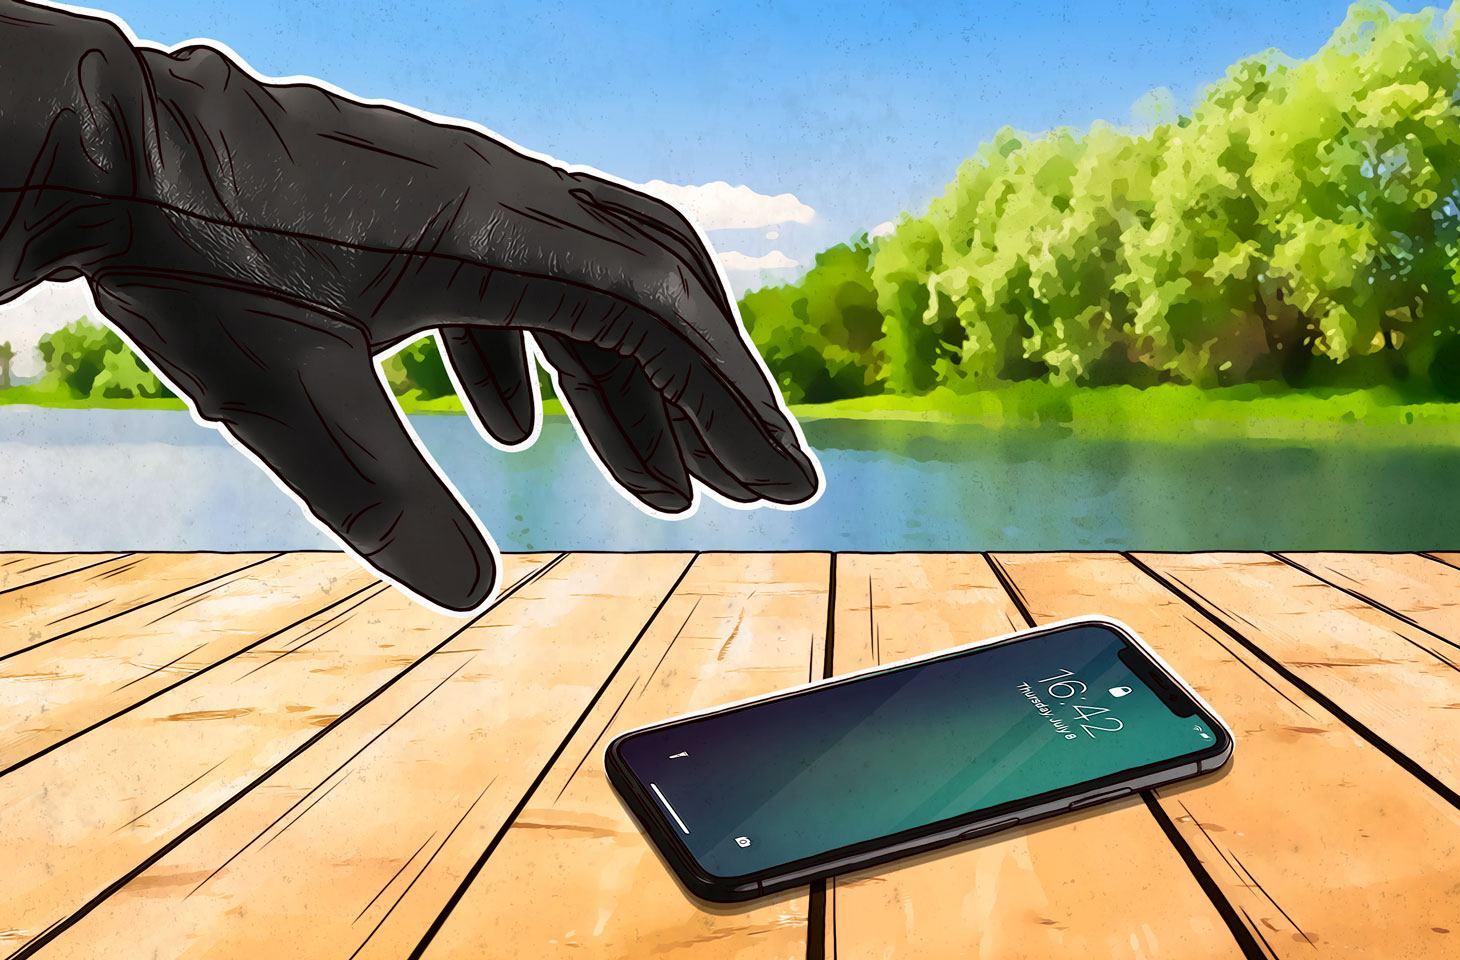 Er is een nieuwe manier van oplichting waarbij een gestolen iPhone wordt losgekoppeld van het Apple ID van het slachtoffer zodat deze meer geld oplevert.